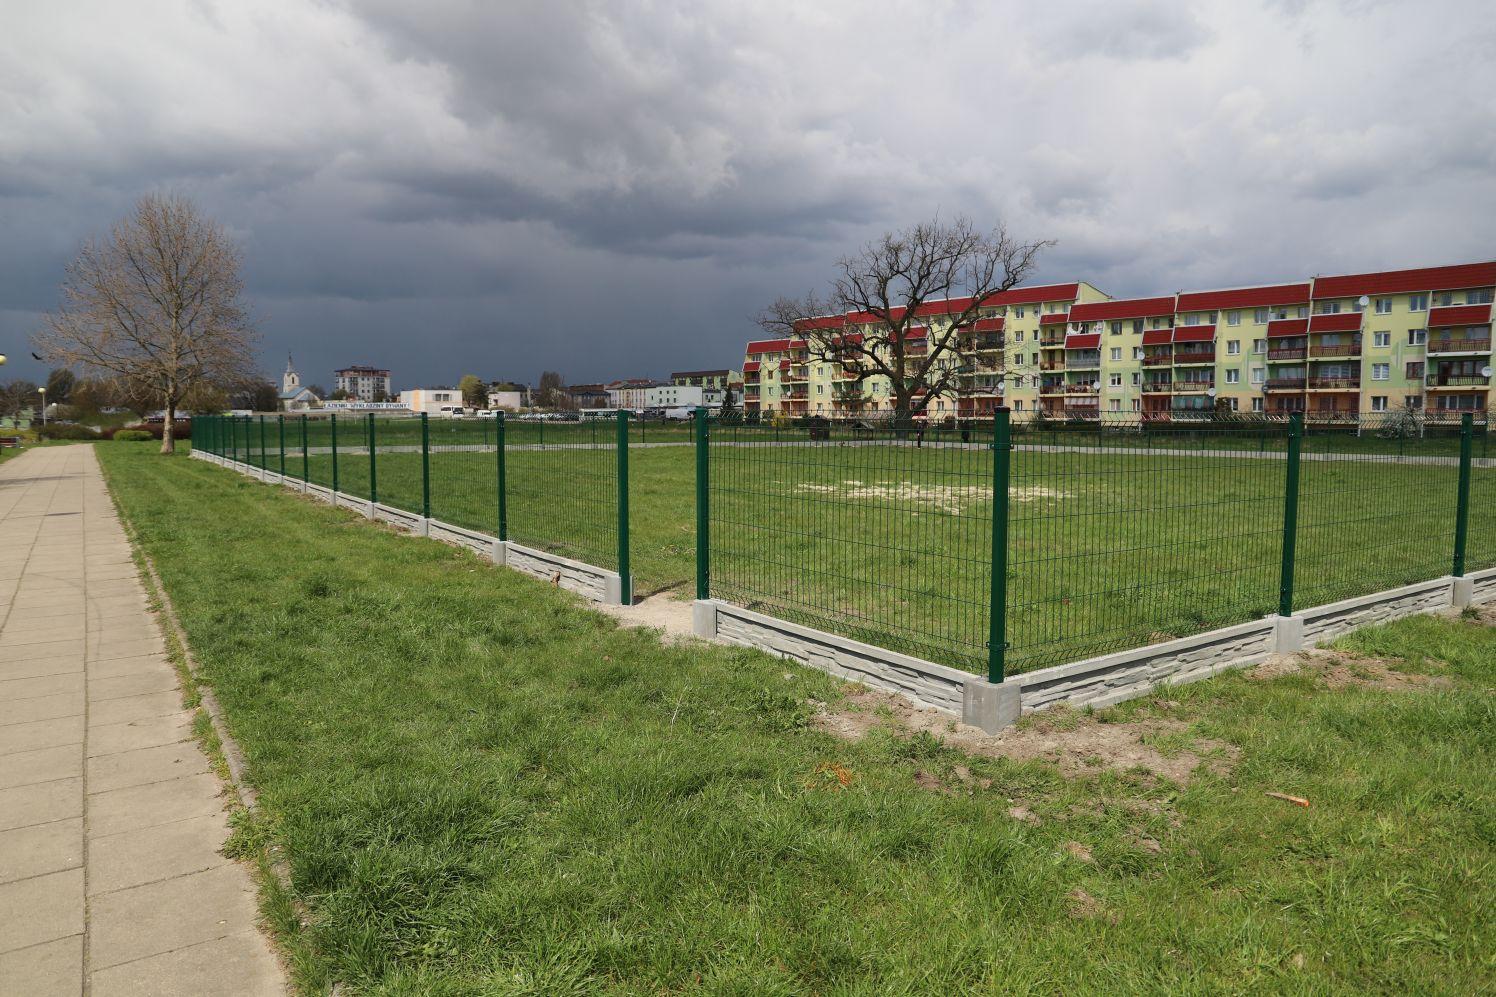 [ZDJĘCIA] Zmiany w kutnowskim parku. Pojawiło się tajemnicze ogrodzenie: co tu powstaje? - Zdjęcie główne